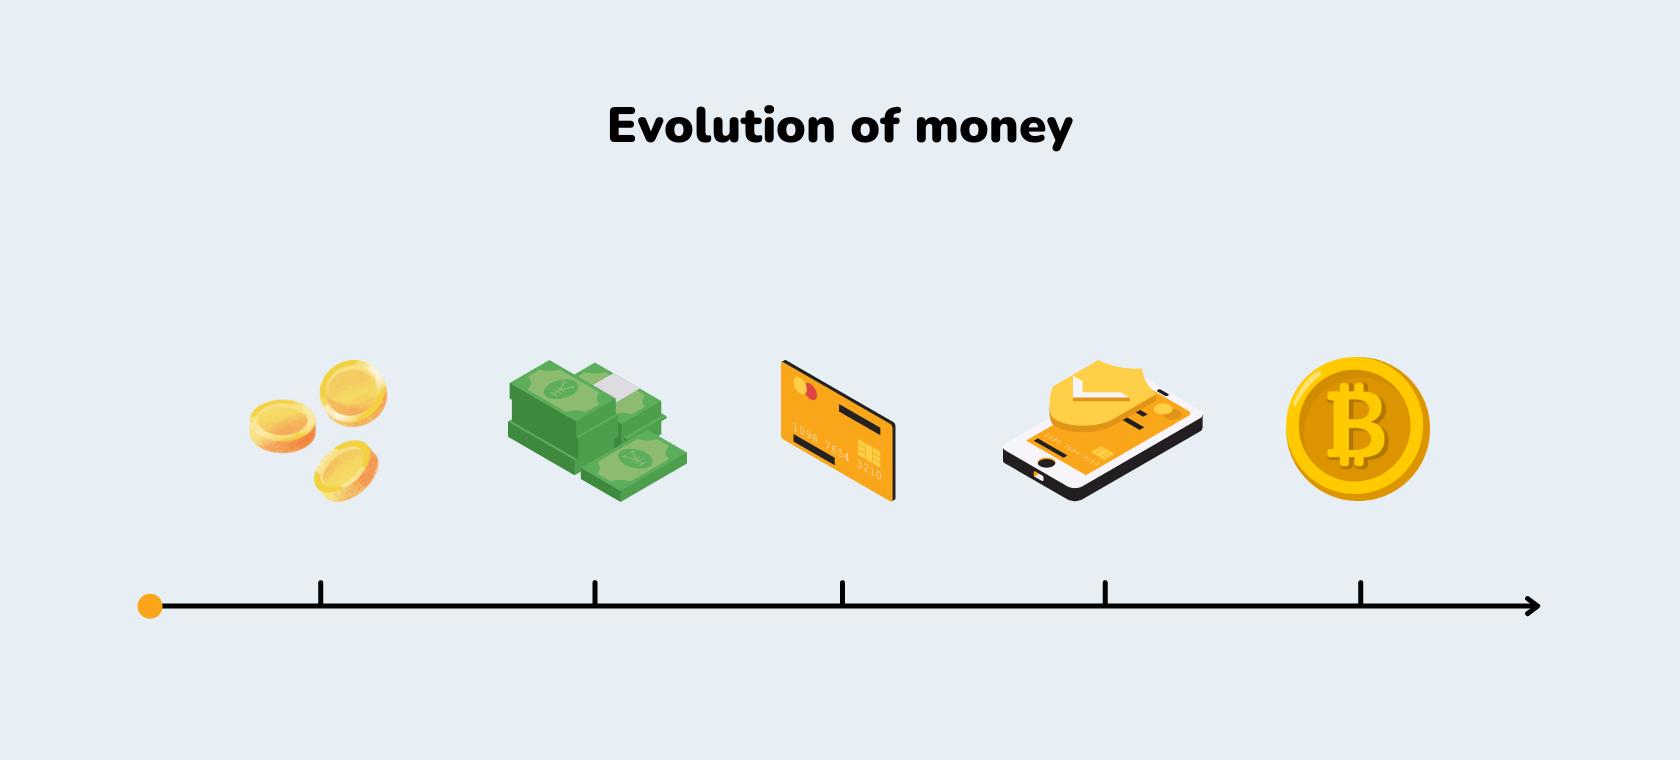 Vremenska crta koja prikazuje evoluciju novca i načine plaćanja kroz povijest.